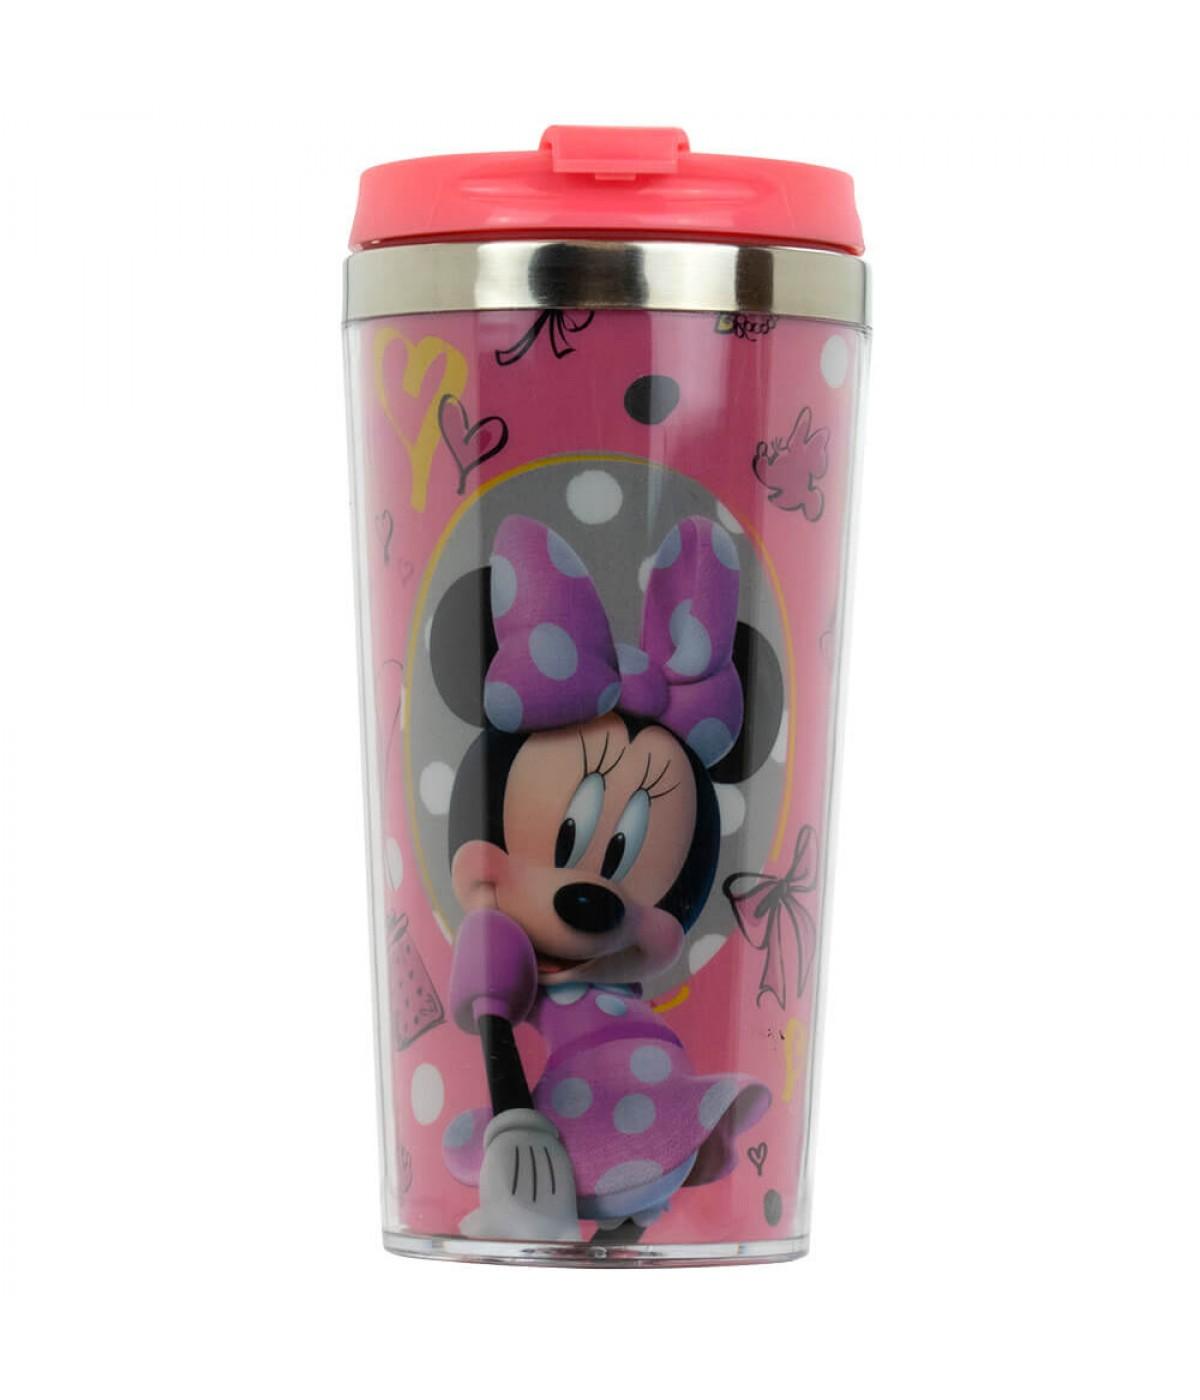 Copo Térmico Minnie Tampa Rosa 450ml - Disney